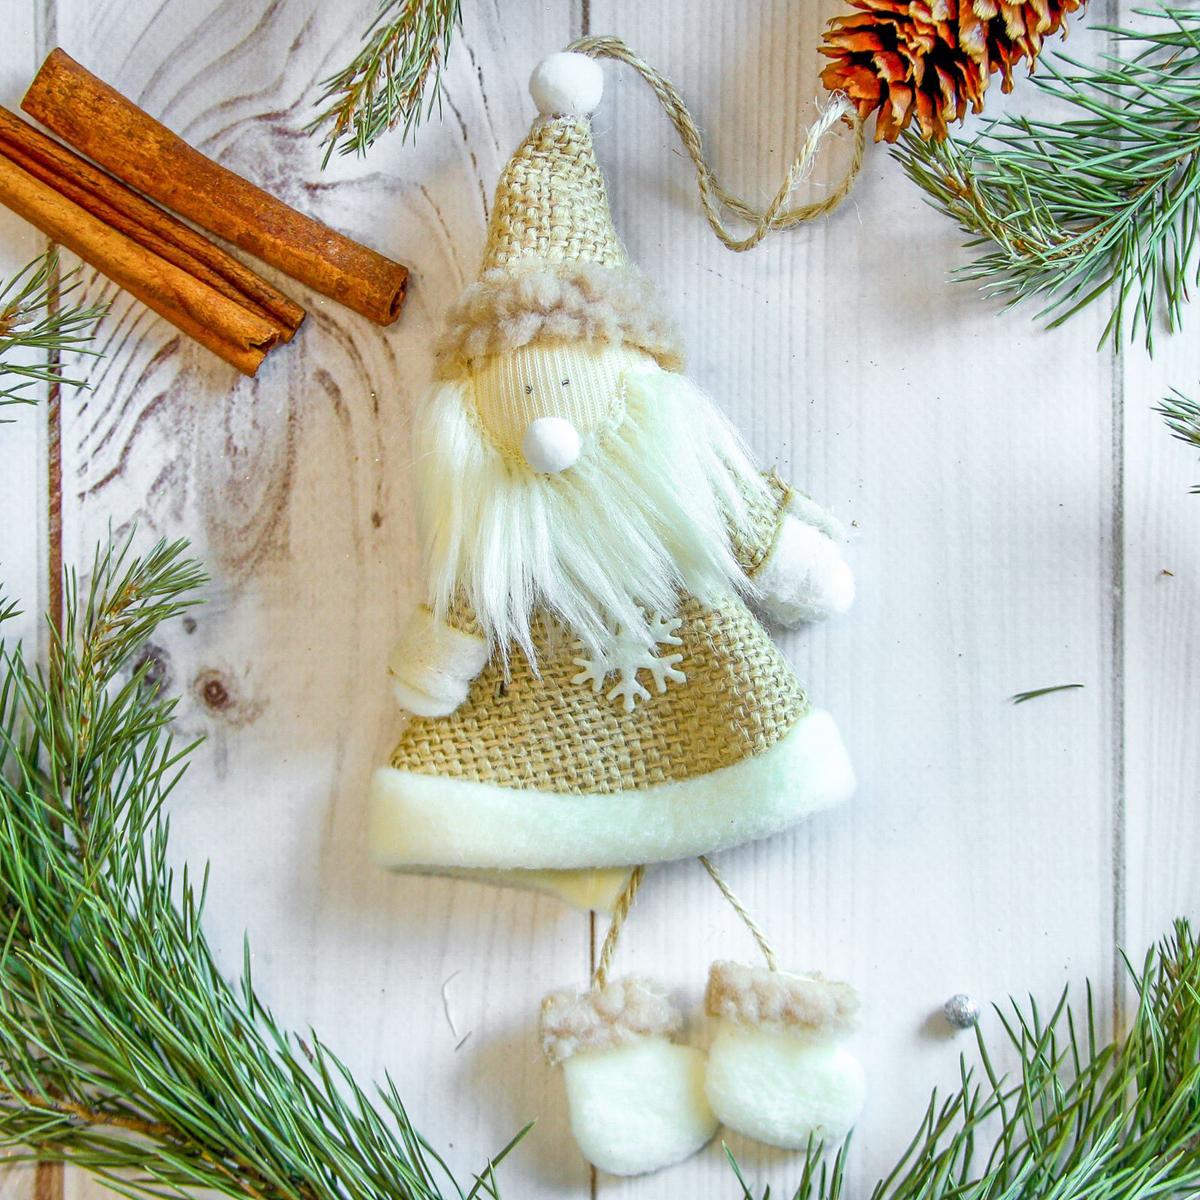 Украшение новогоднее подвесное Дед Мороз, 7 х 17 см2357045Новогоднее украшение ручной работы отлично подойдет для декорации вашего дома и новогодней ели. С помощью специальной петельки украшение можно повесить в любом понравившемся вам месте. Но, конечно, удачнее всего оно будет смотреться на праздничной елке.Елочная игрушка - символ Нового года. Она несет в себе волшебство и красоту праздника. Такое украшение создаст в вашем доме атмосферу праздника, веселья и радости.